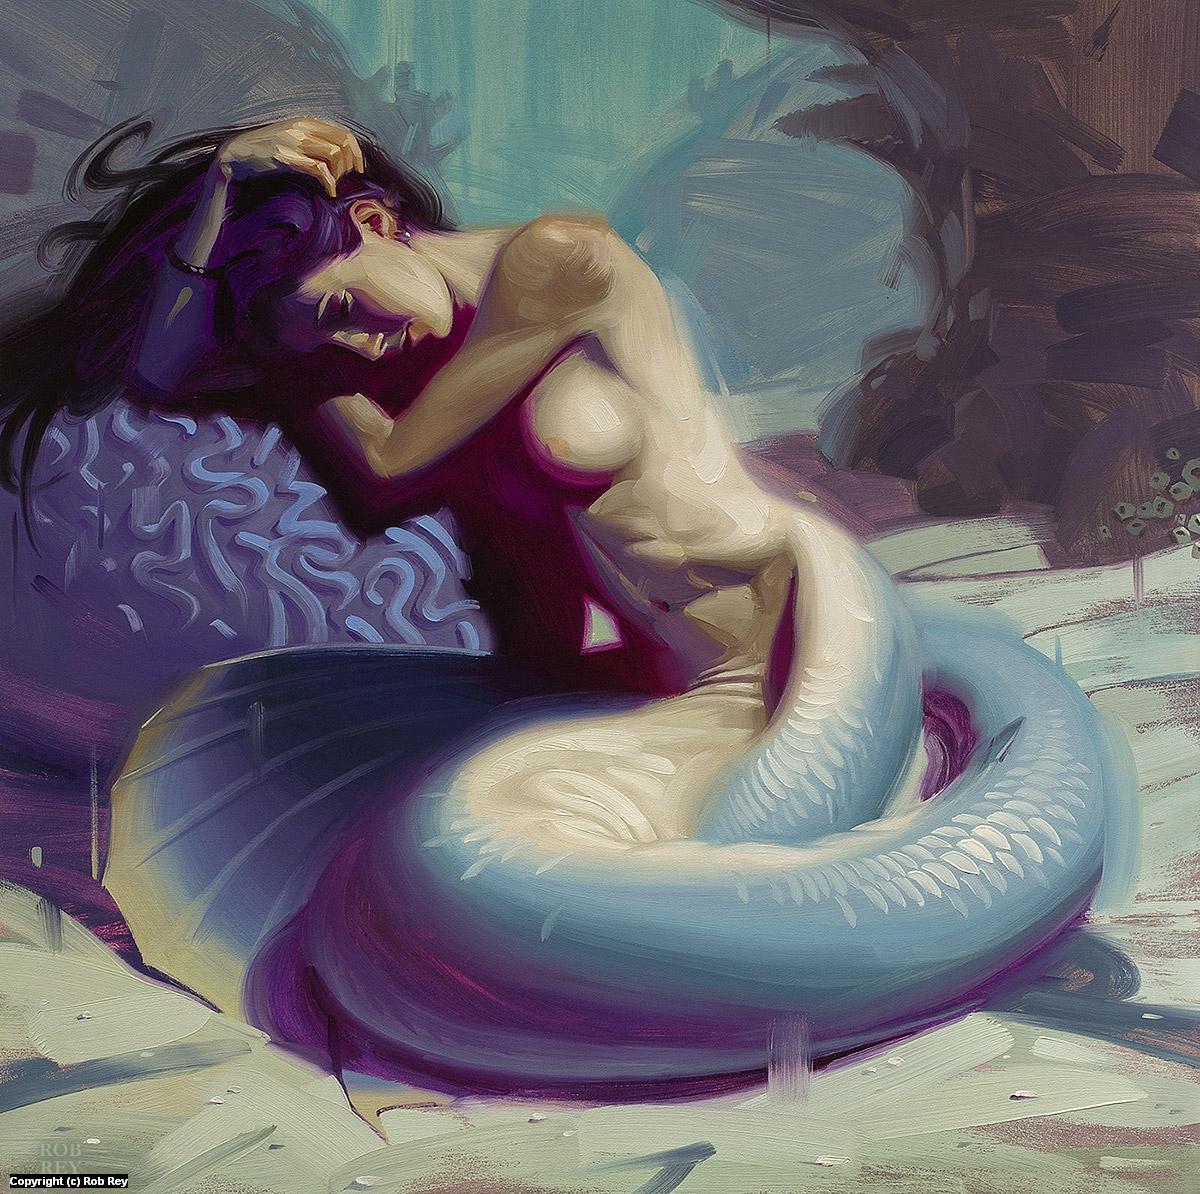 Loss (At Sea) Artwork by Rob Rey